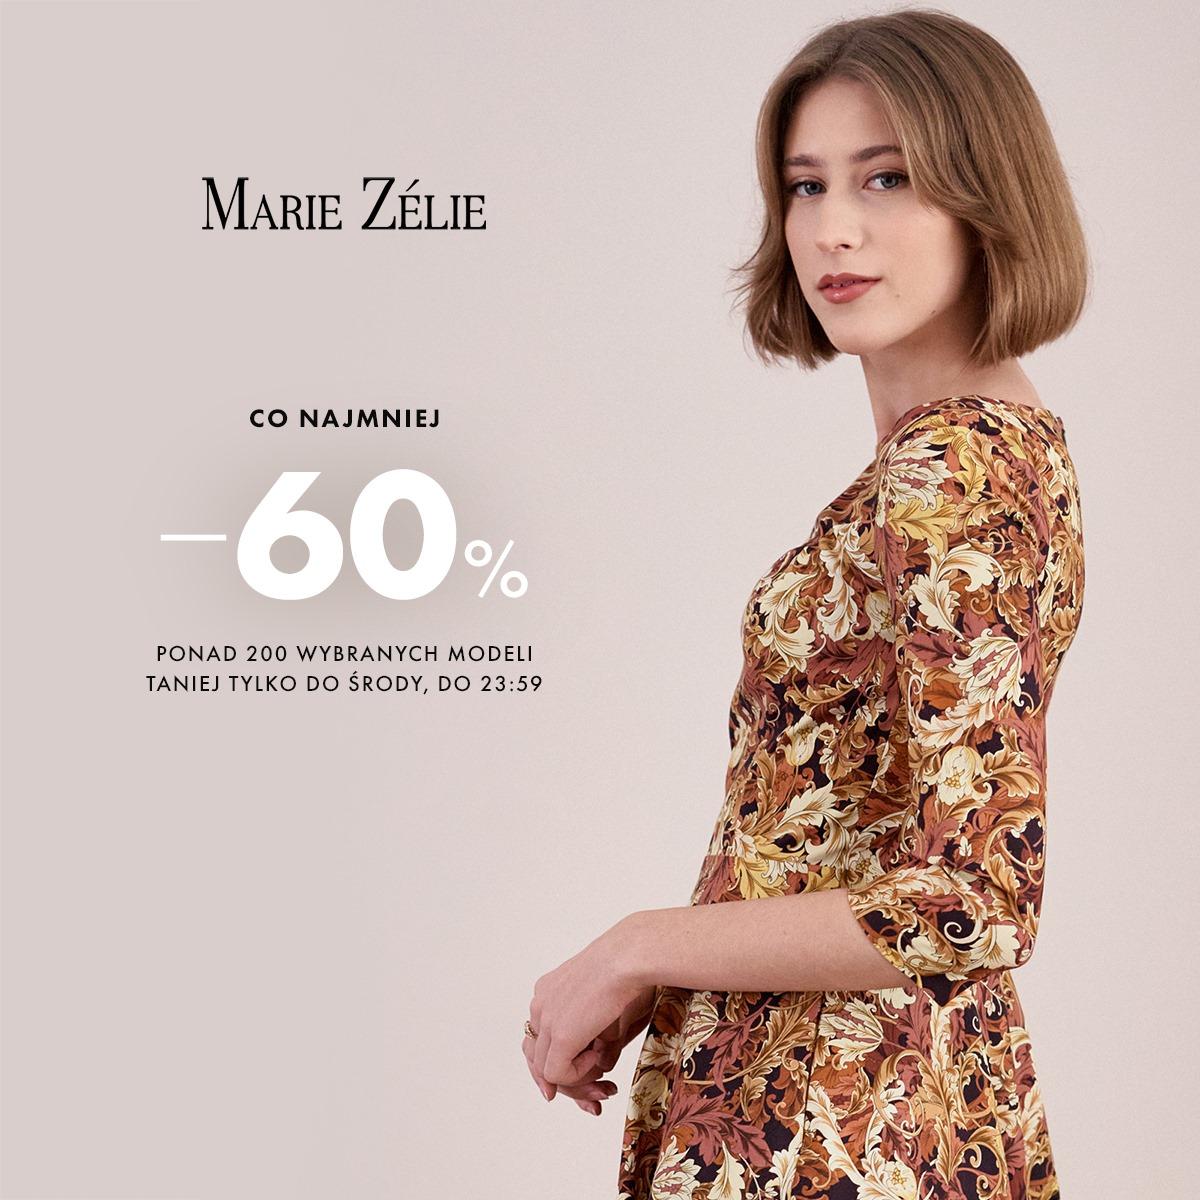 Marie Zelie: co najmniej 60% rabatu na ponad 200 wybranych modeli odzieży damskiej